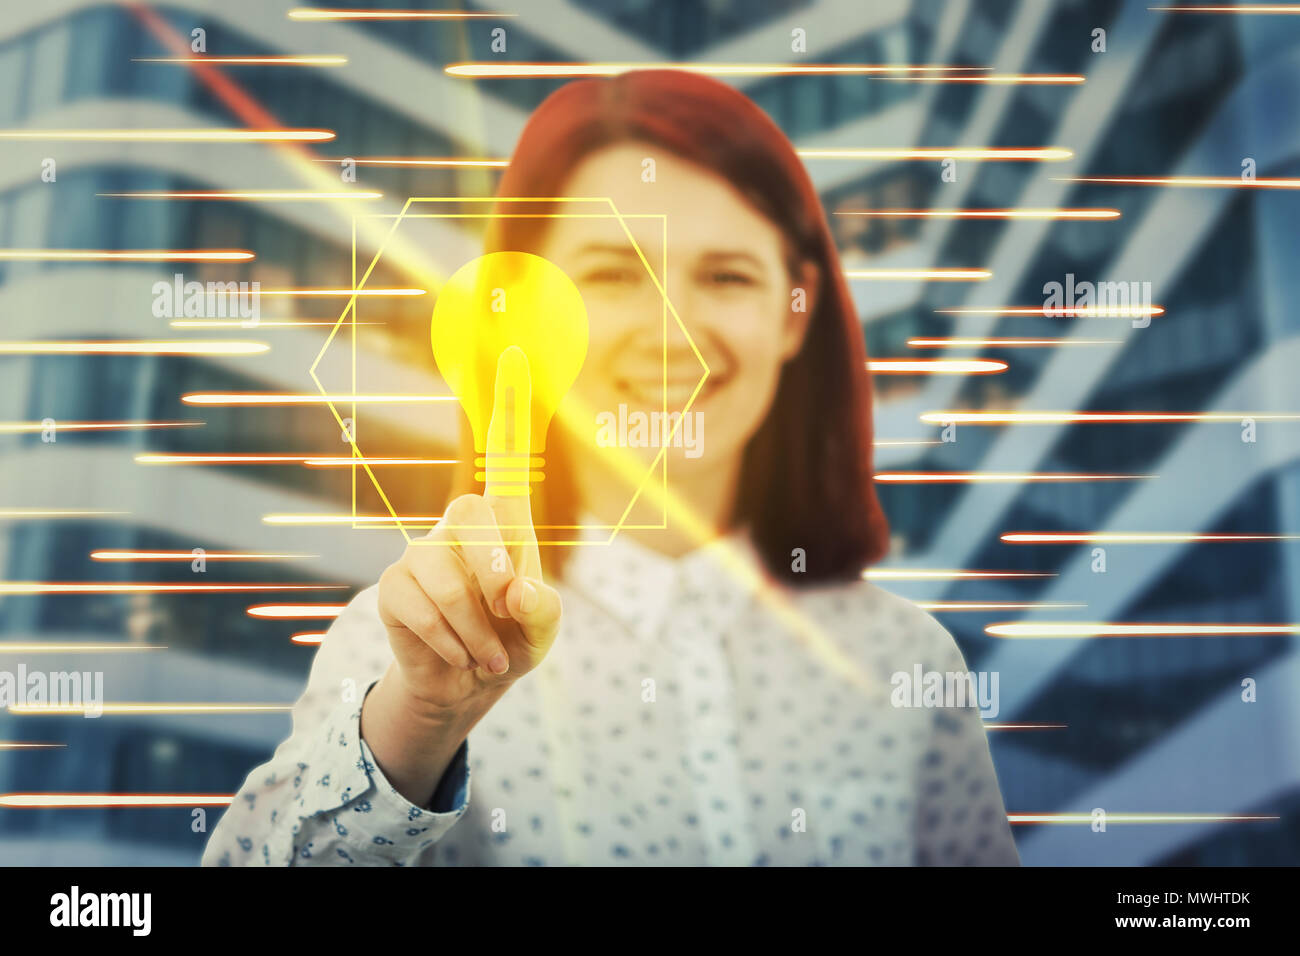 Lächelnde Frau berühren digitalen Bildschirm Schnittstelle mit Ihrem Finger. Drücken Sie eine goldene Glühbirne. Kreativität und Idee Konzept in der Moderne virtuelle Technologien Stockbild